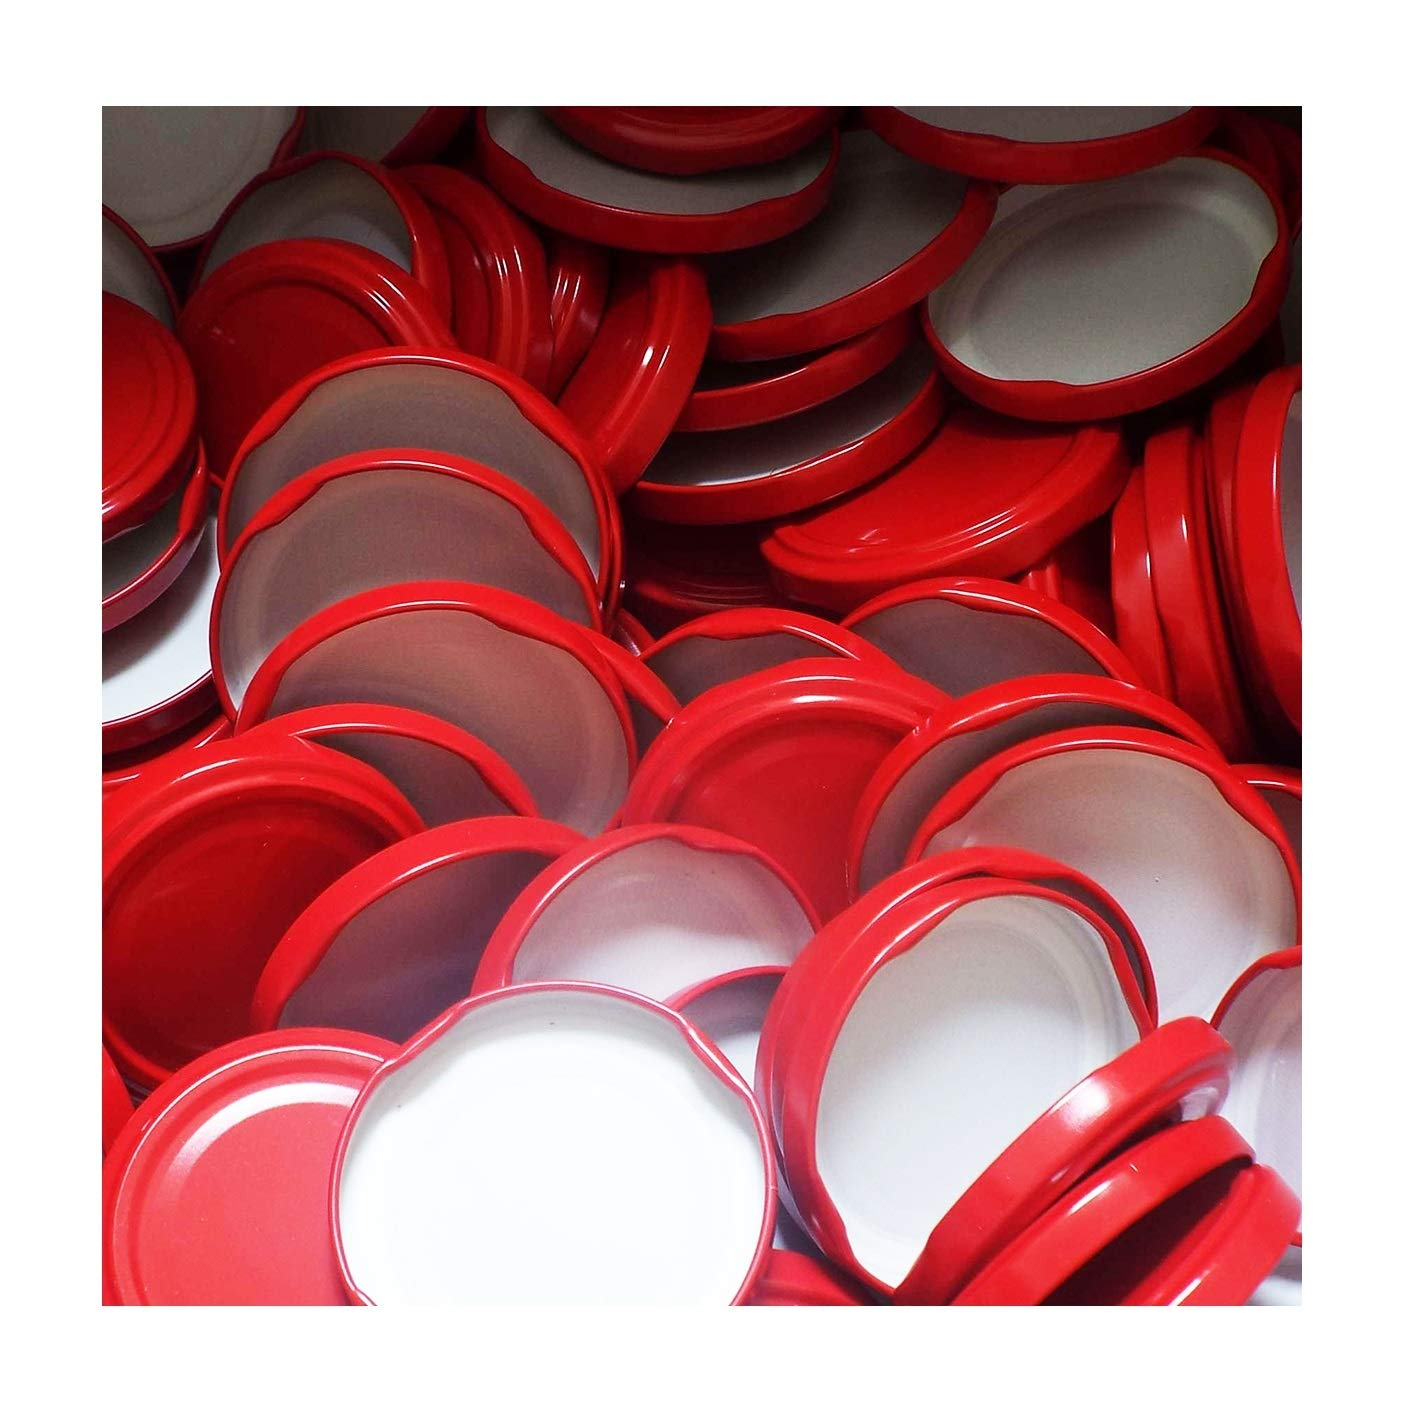 25 St/ück X to 63 mm Schwarz Schraubdeckel f/ür Gl/äser /• Twist Off Deckel Verschluss /Ø 63mm /• Ersatzdeckel To63 /• 25,50,100,150,200,250,500 St/ück /• Gro/ße Auswahl Verschiedene Gr/ö/ßen und Farben